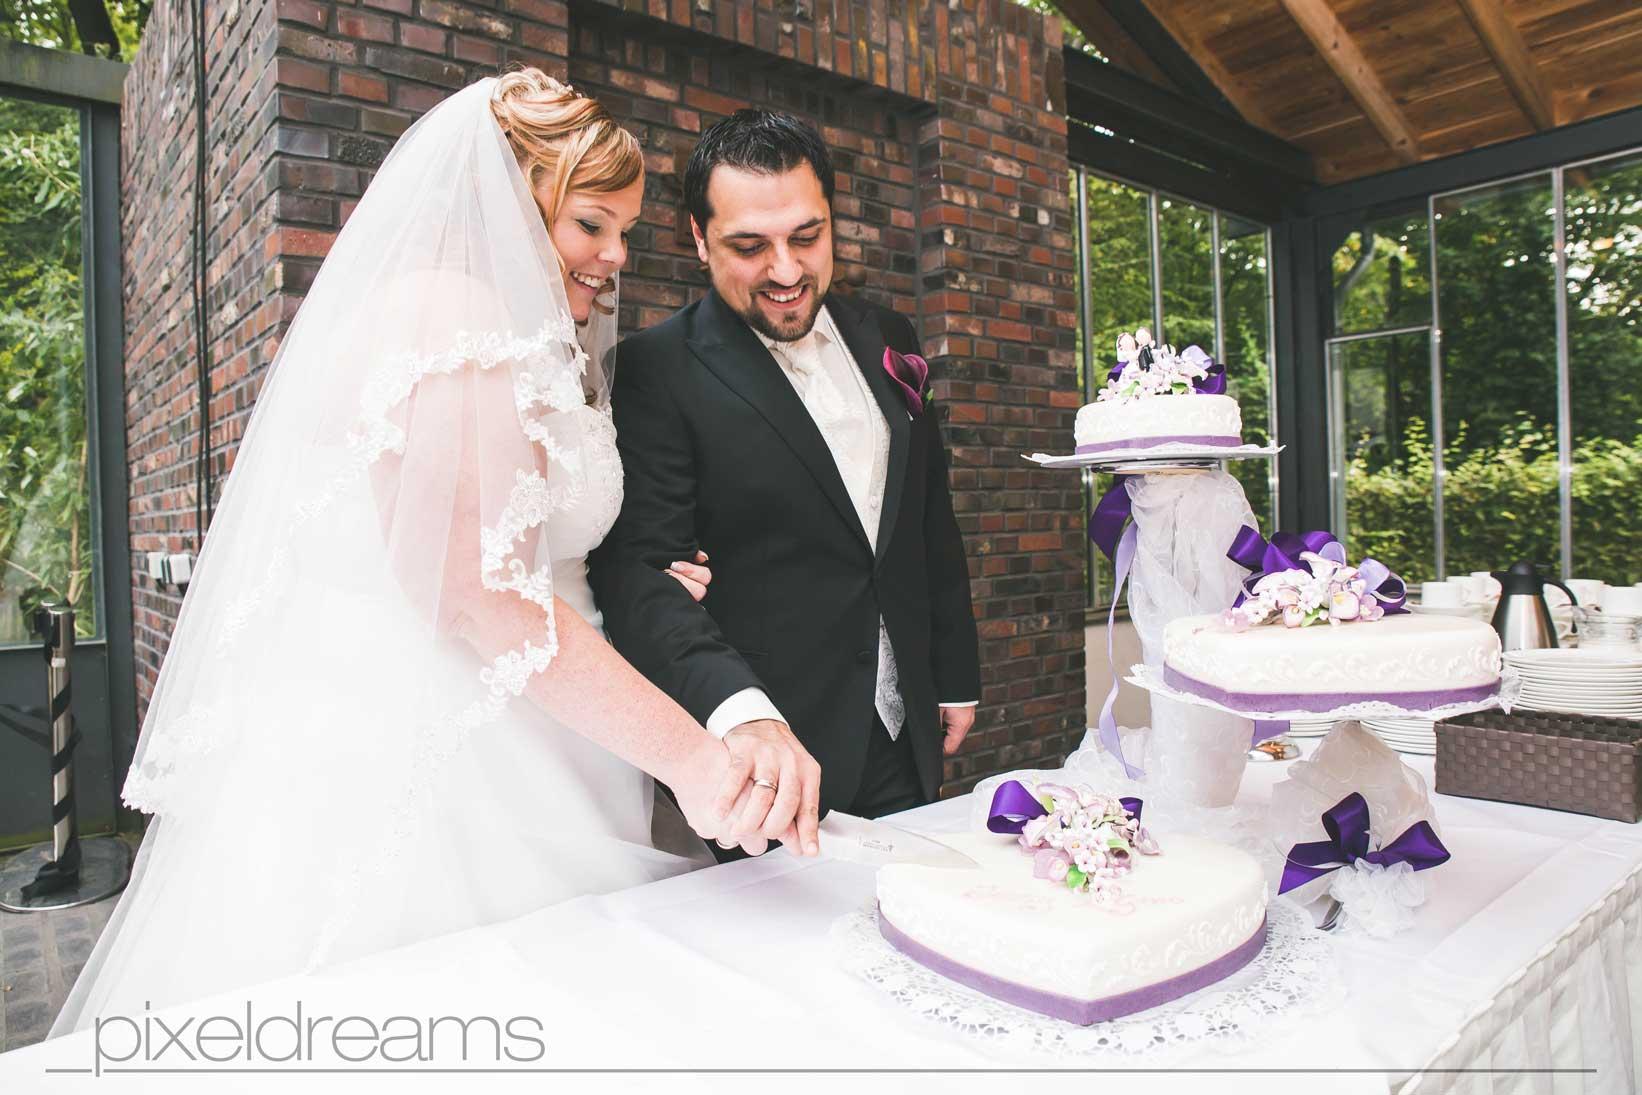 braut und bräutigam schneiden hochzeitstorte bei ihrer hochzeitsfeier